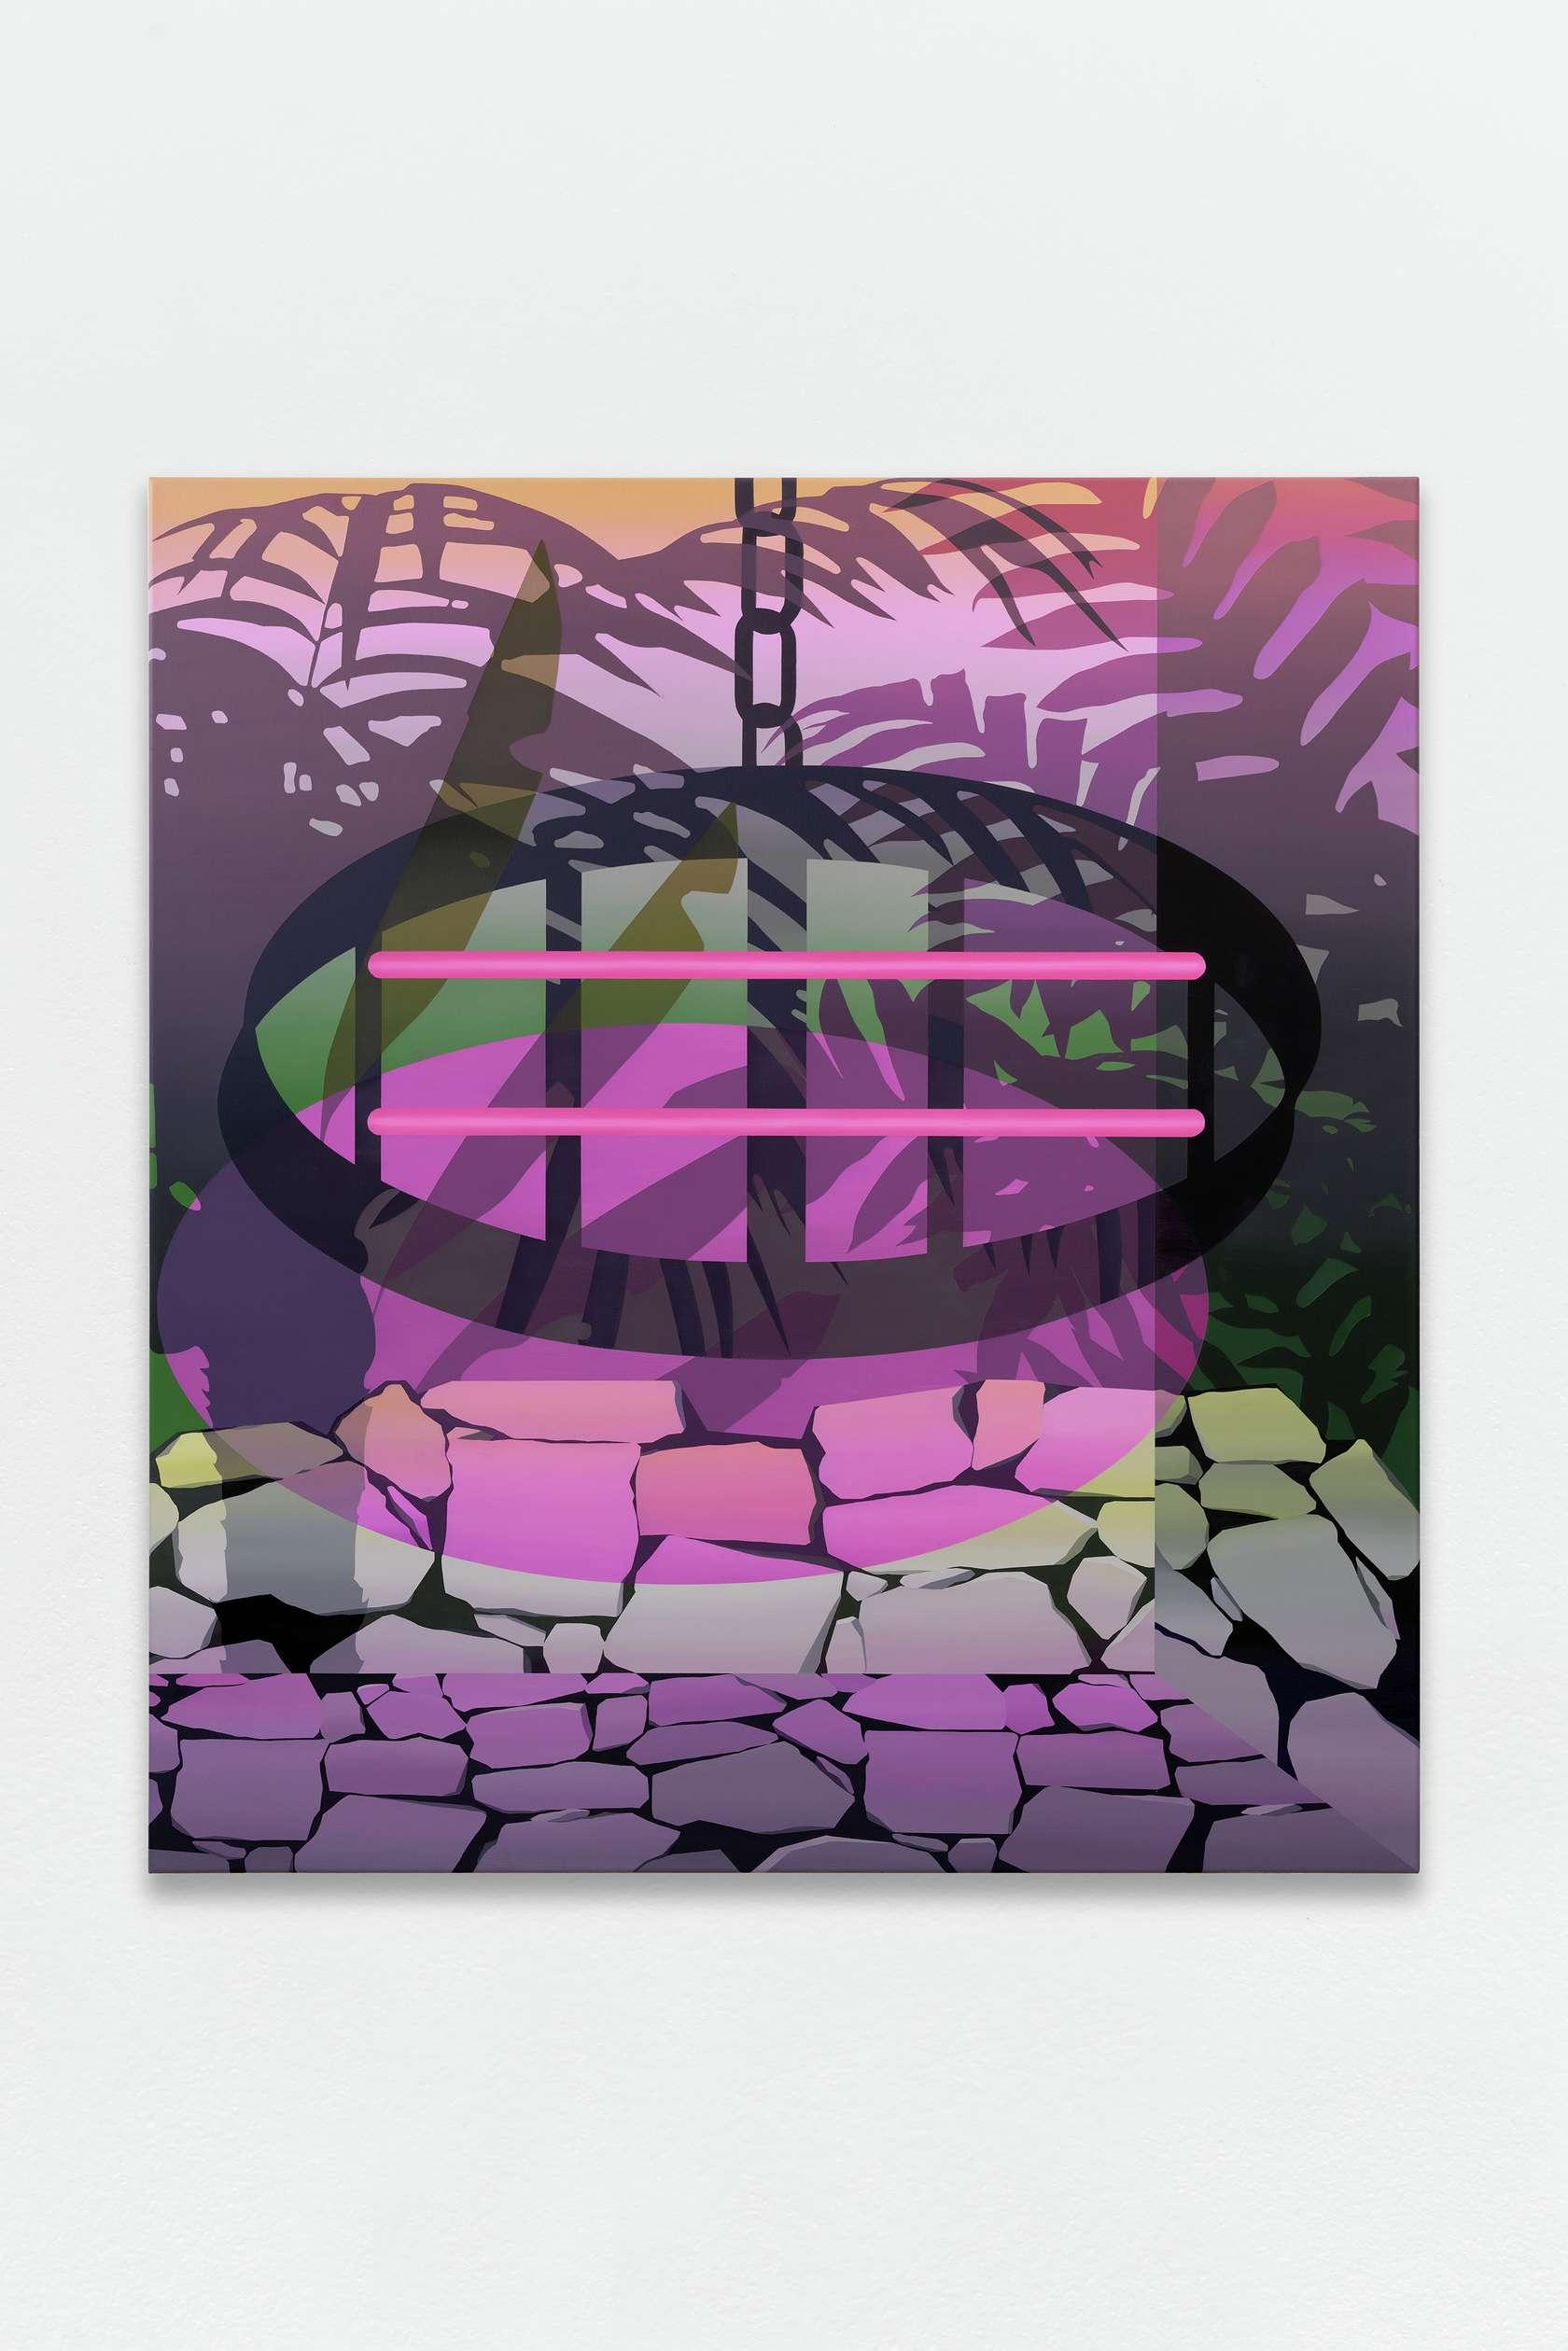 Amélie Bertrand, Self Sabotage, 2018 Huile sur toile110 x 100cm / 43 2/8 x 39 3/8inches